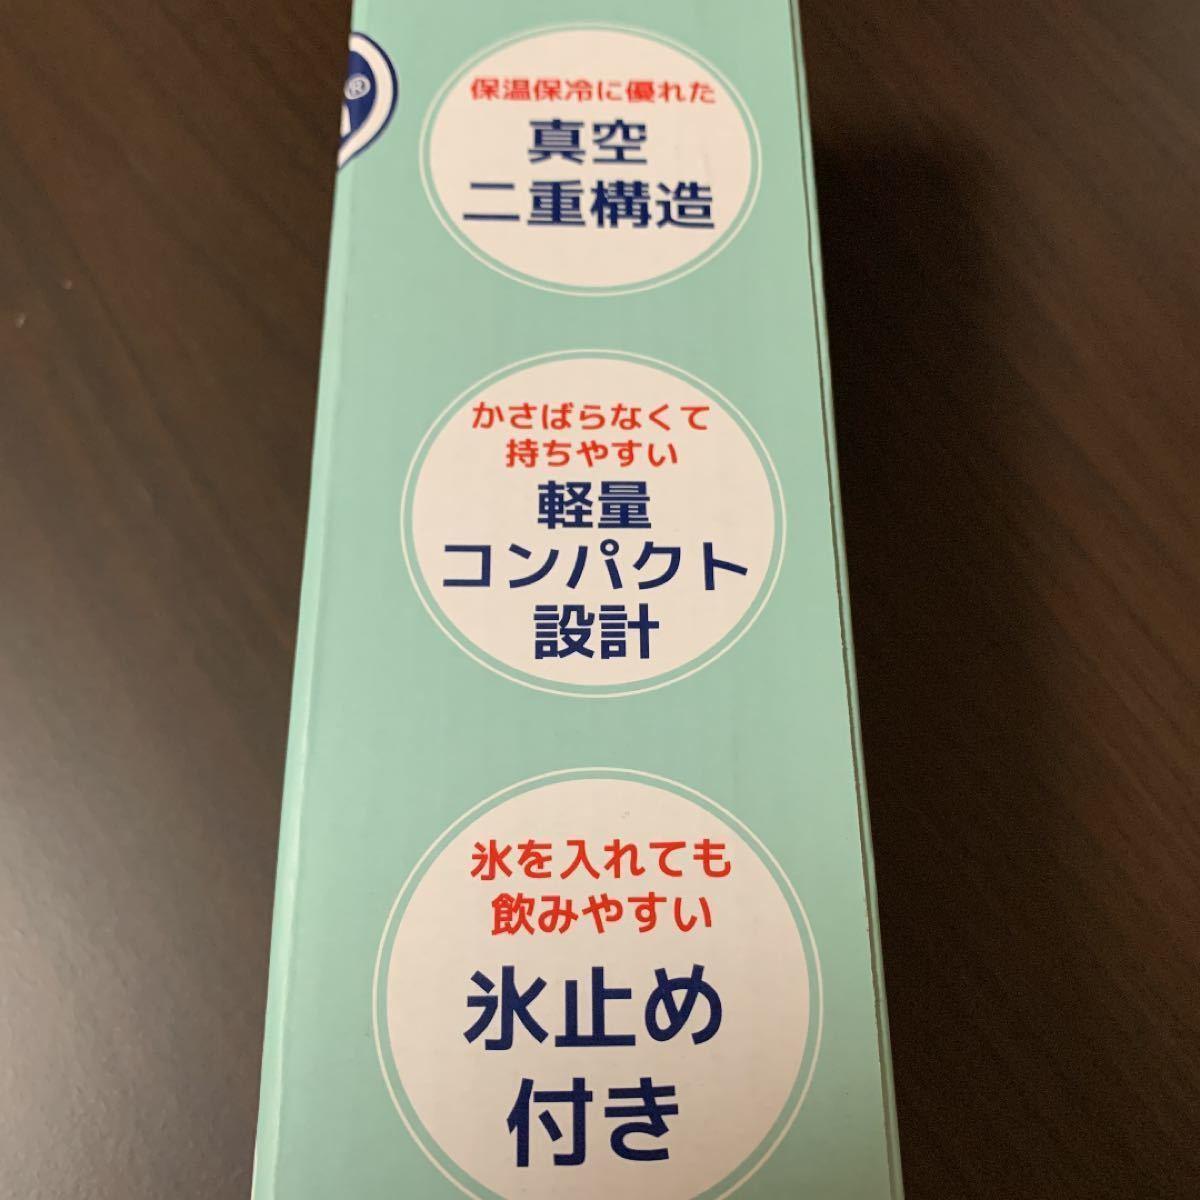 アウトドア★ステンレス マグボトル 新品未使用